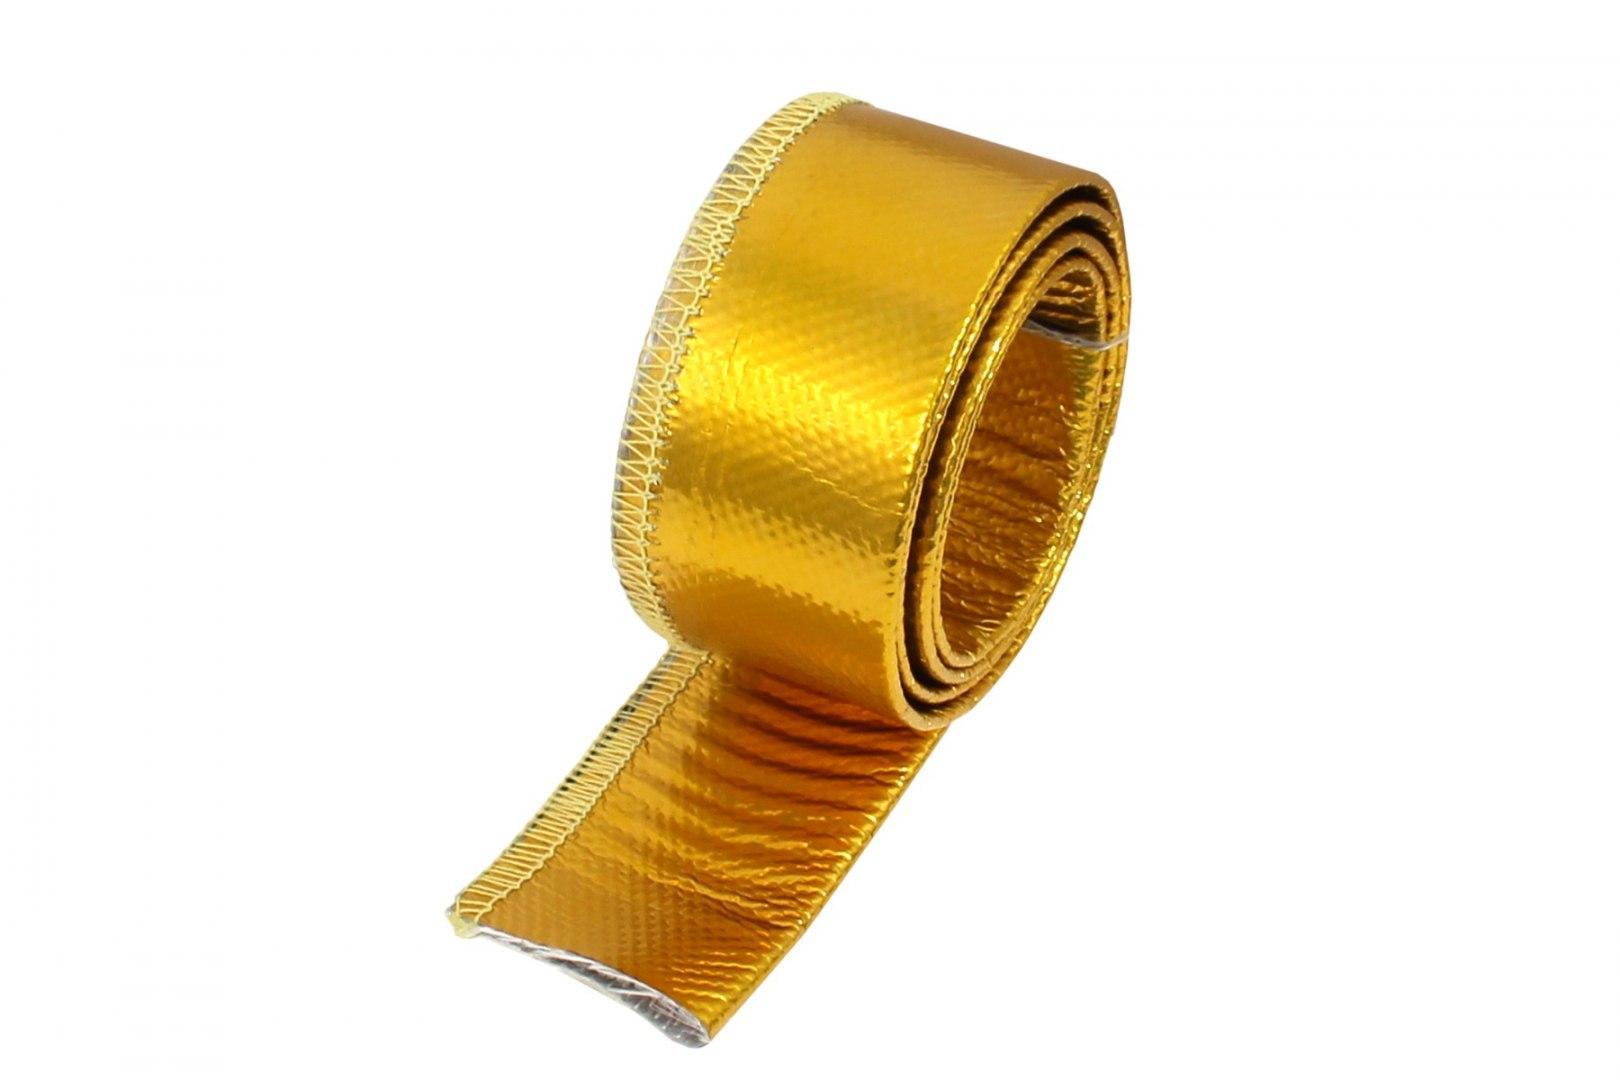 Osłona Termiczna przewodów złota 15mm 100cm - GRUBYGARAGE - Sklep Tuningowy